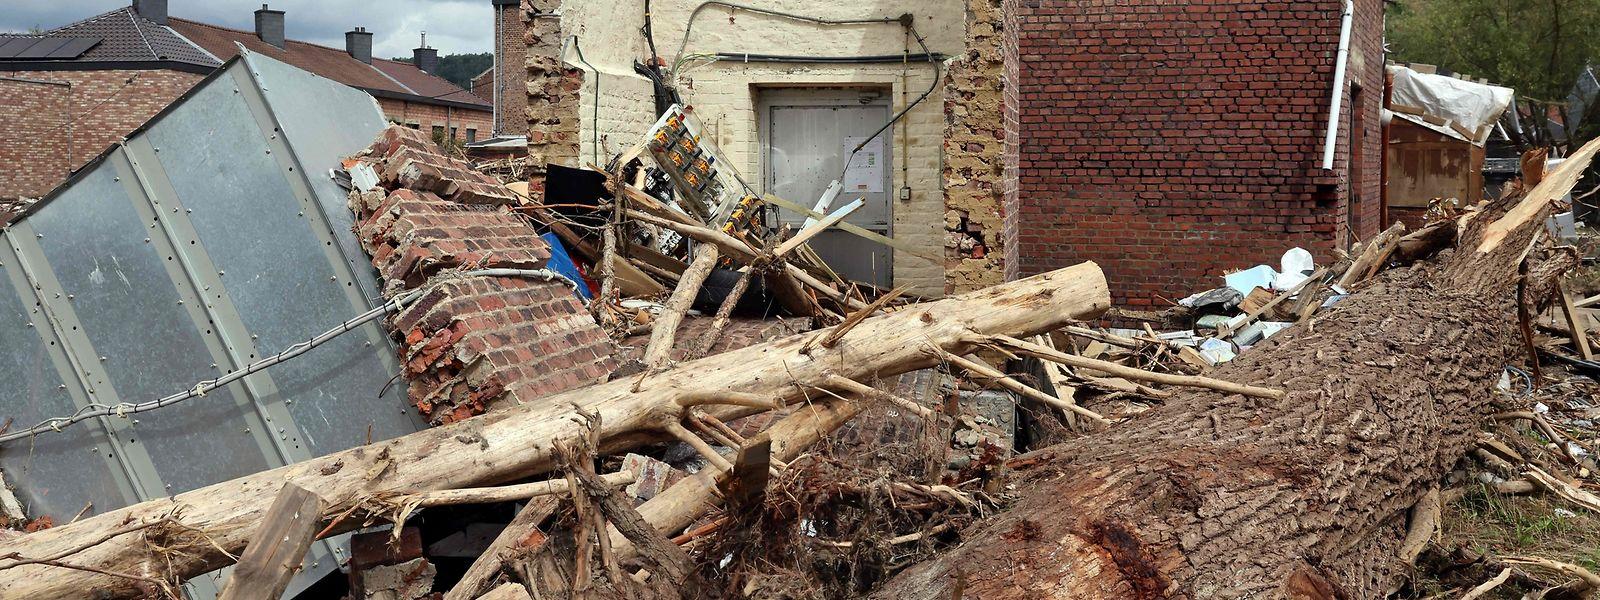 Les dégâts matériels sont à ce jour estimés à plus de 350 millions d'euros.